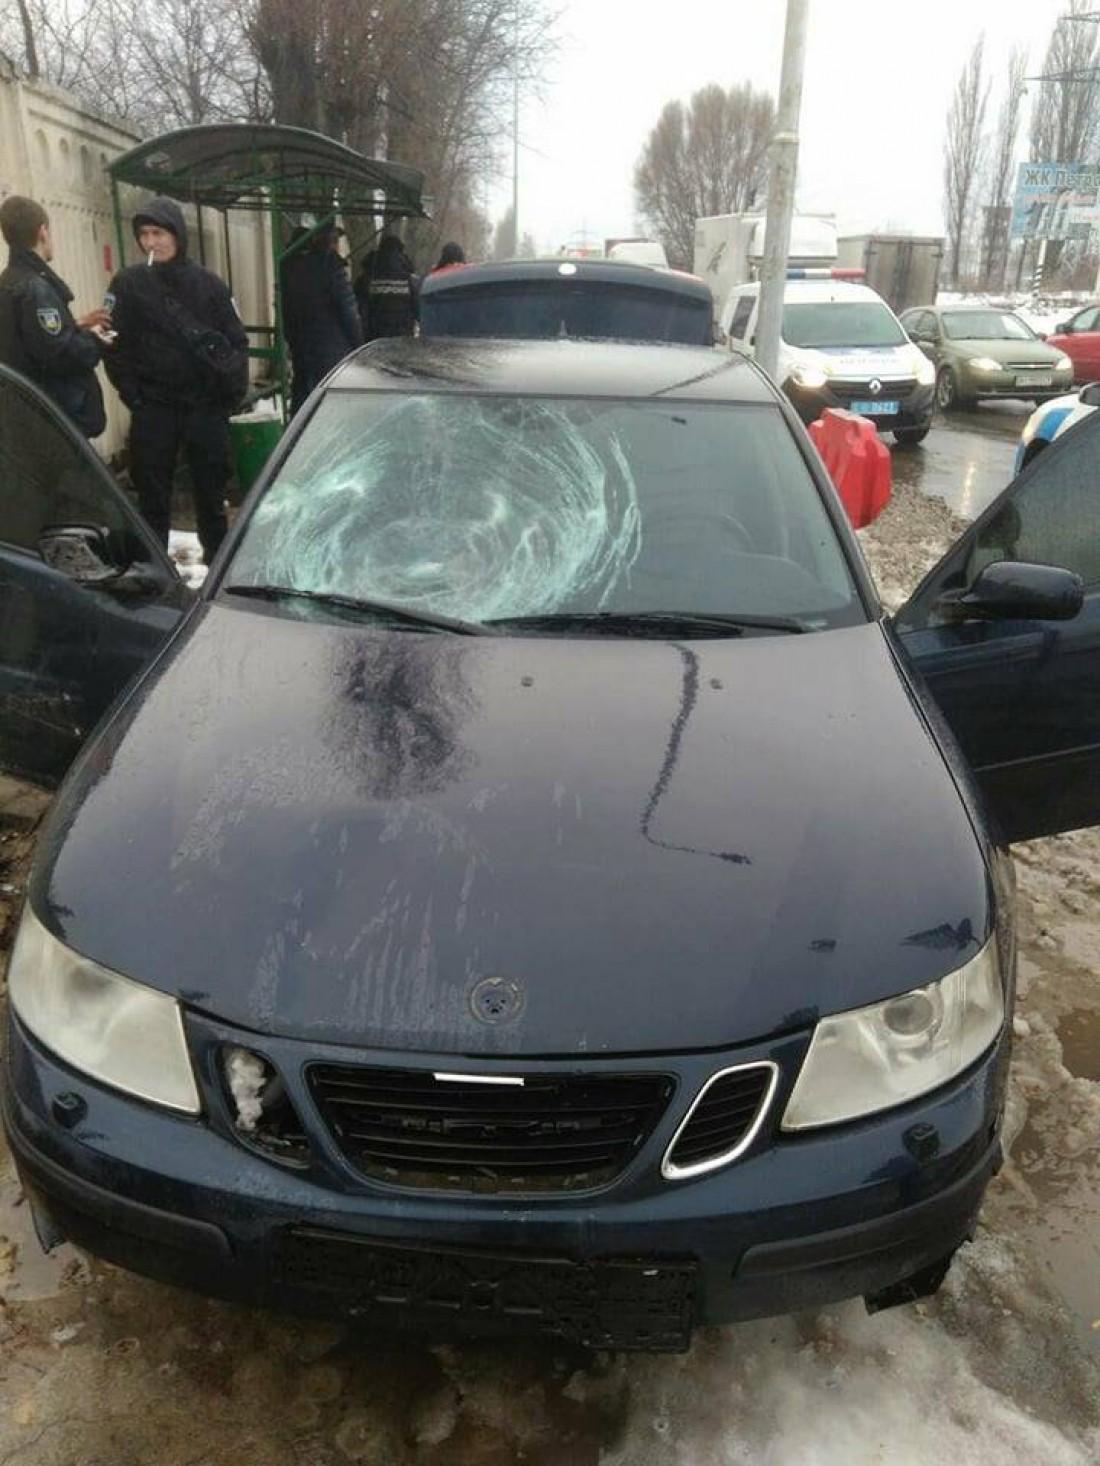 Преступники использовали авто на еврономерах